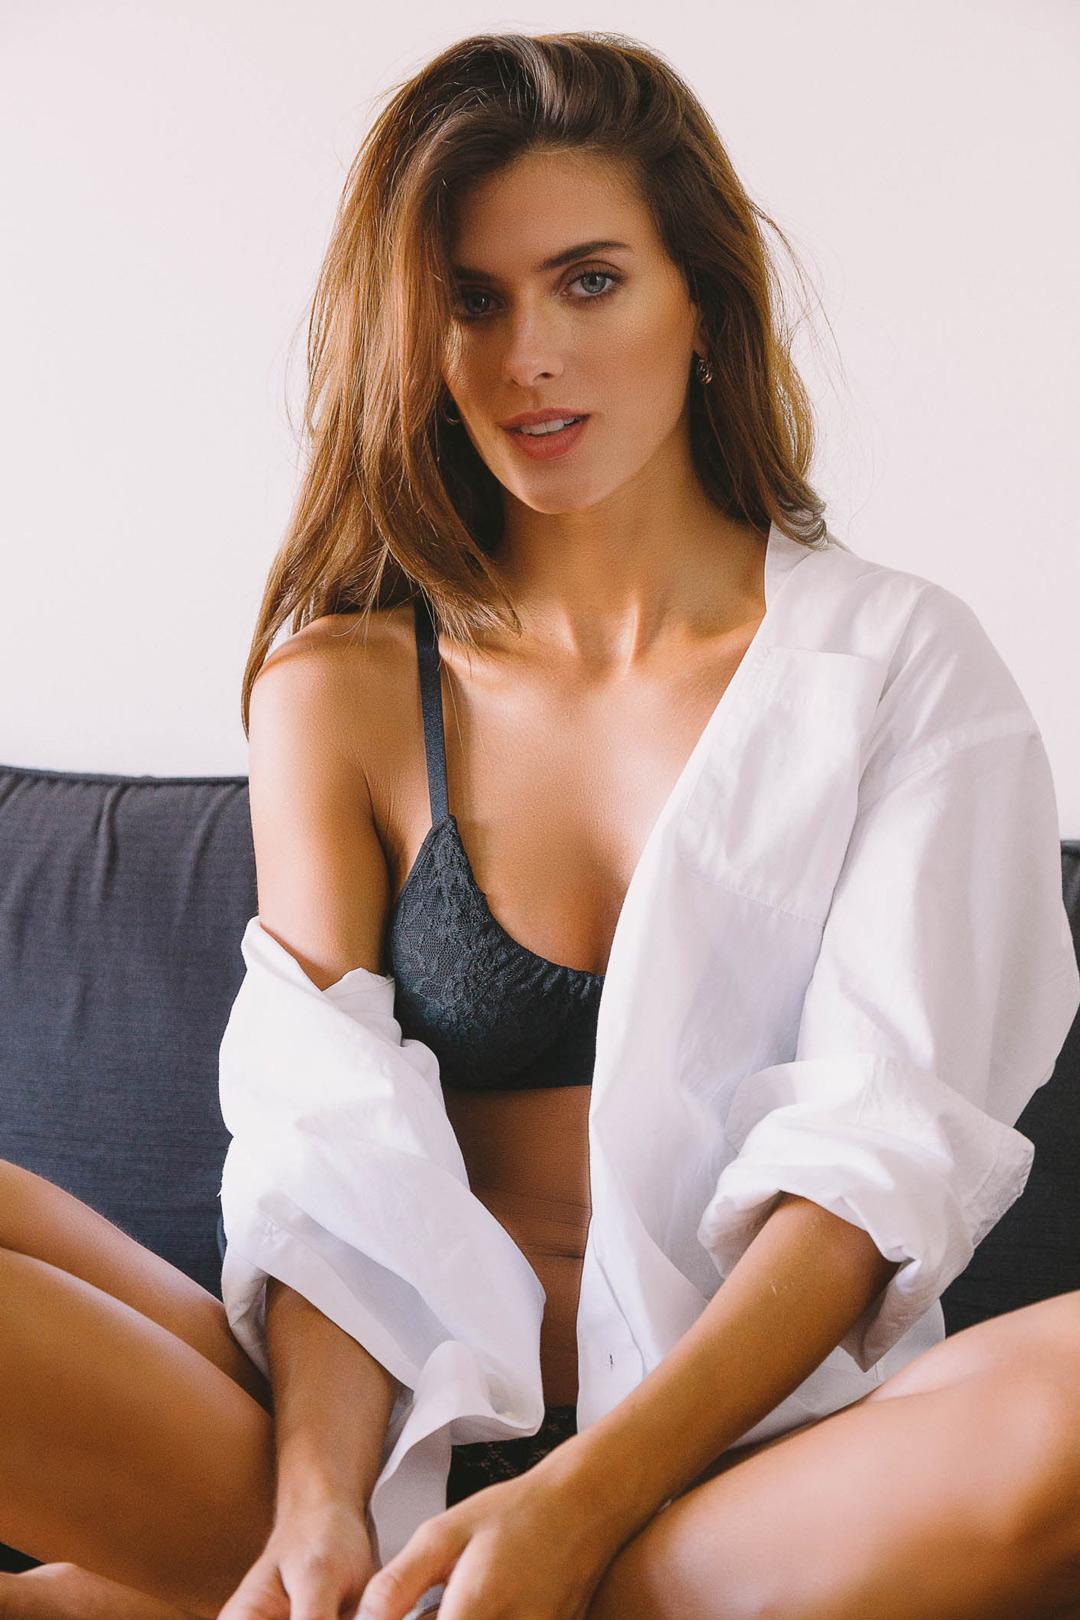 Fotografia modelo Donna ropa interior